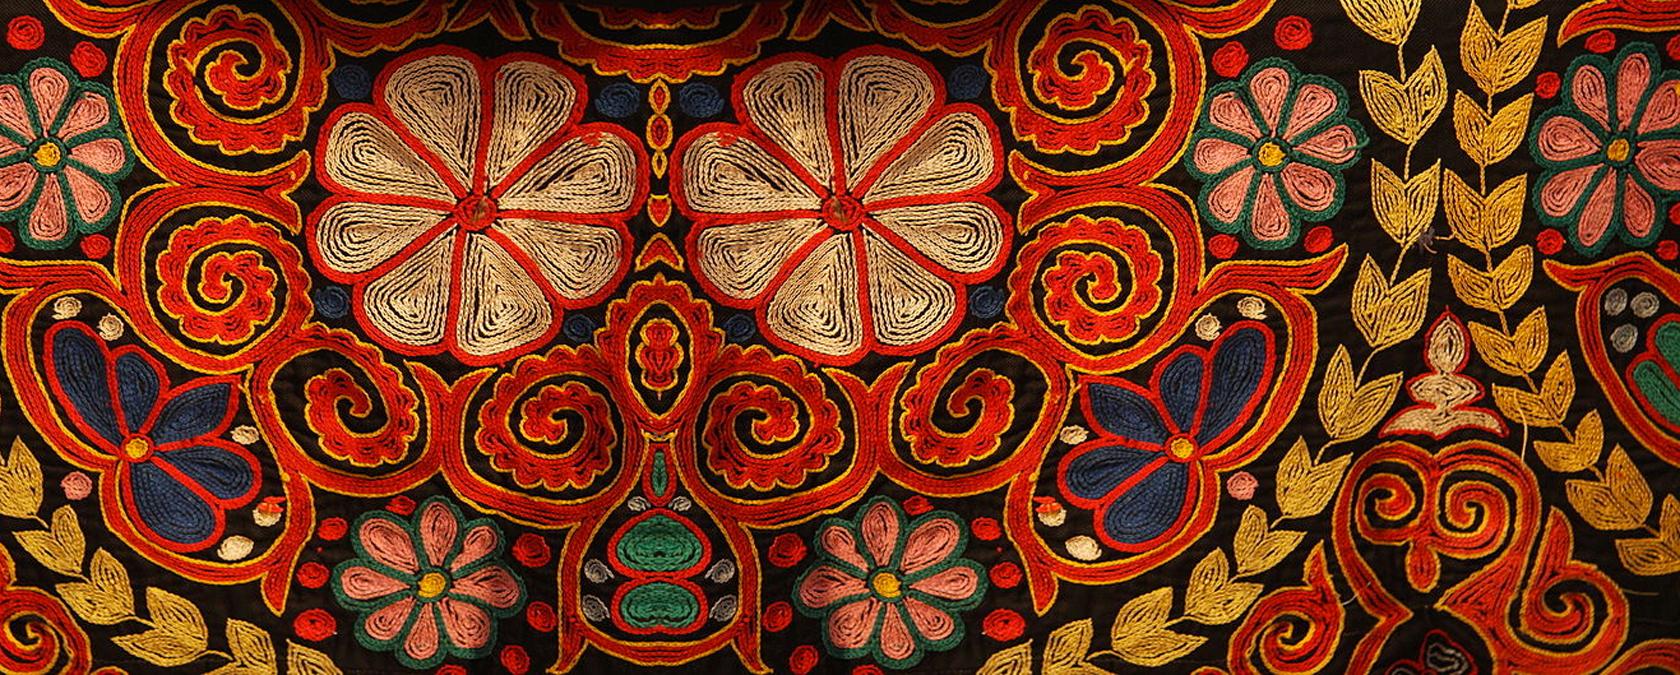 cultural-pattern